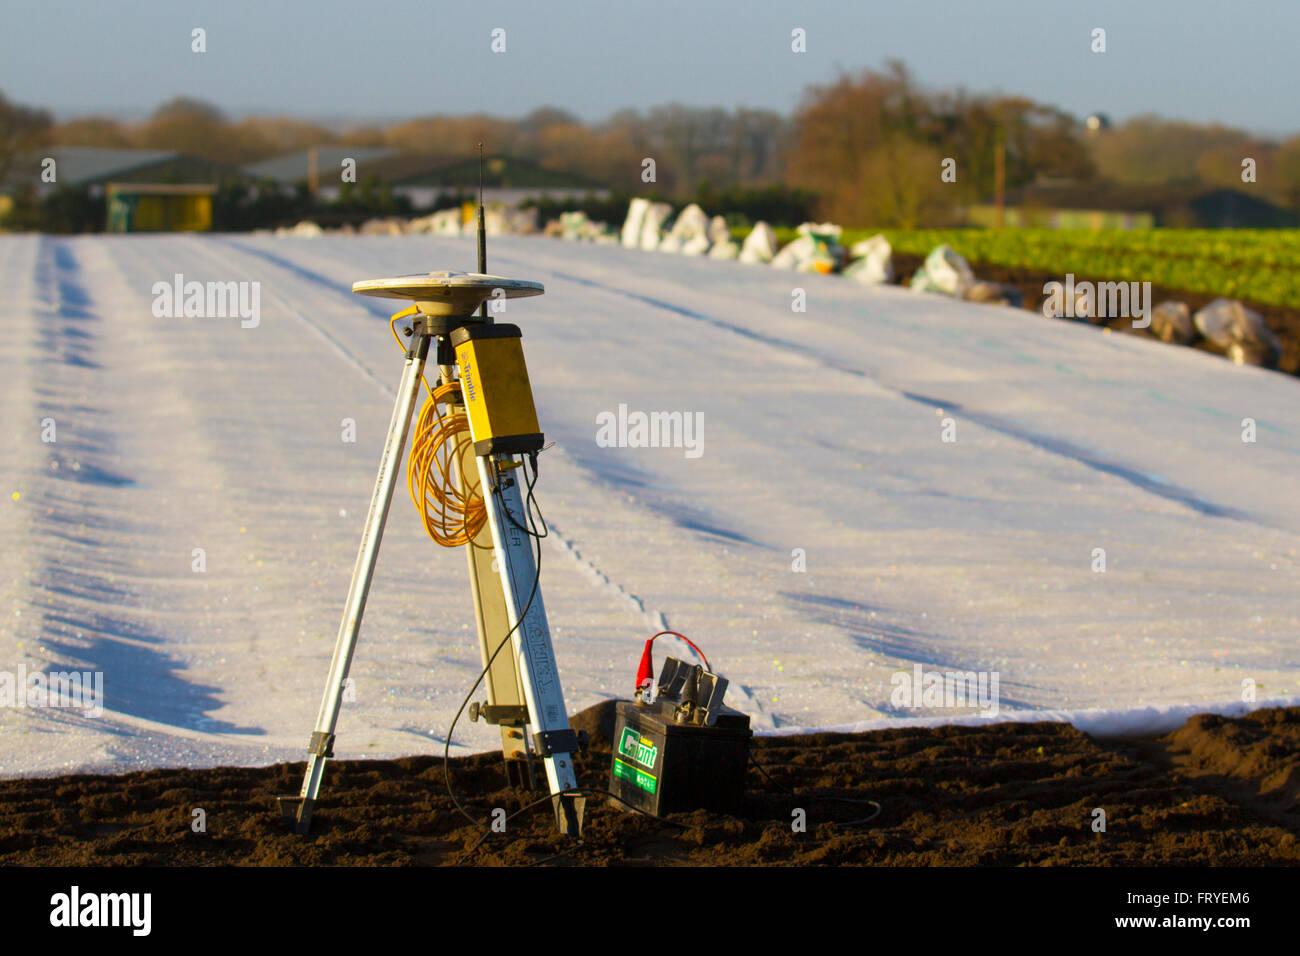 Burscough, Lancashire, Regno Unito 25 marzo, 2016. Regno Unito Meteo. Un paesaggio essendo coperta in vello bianco Immagini Stock